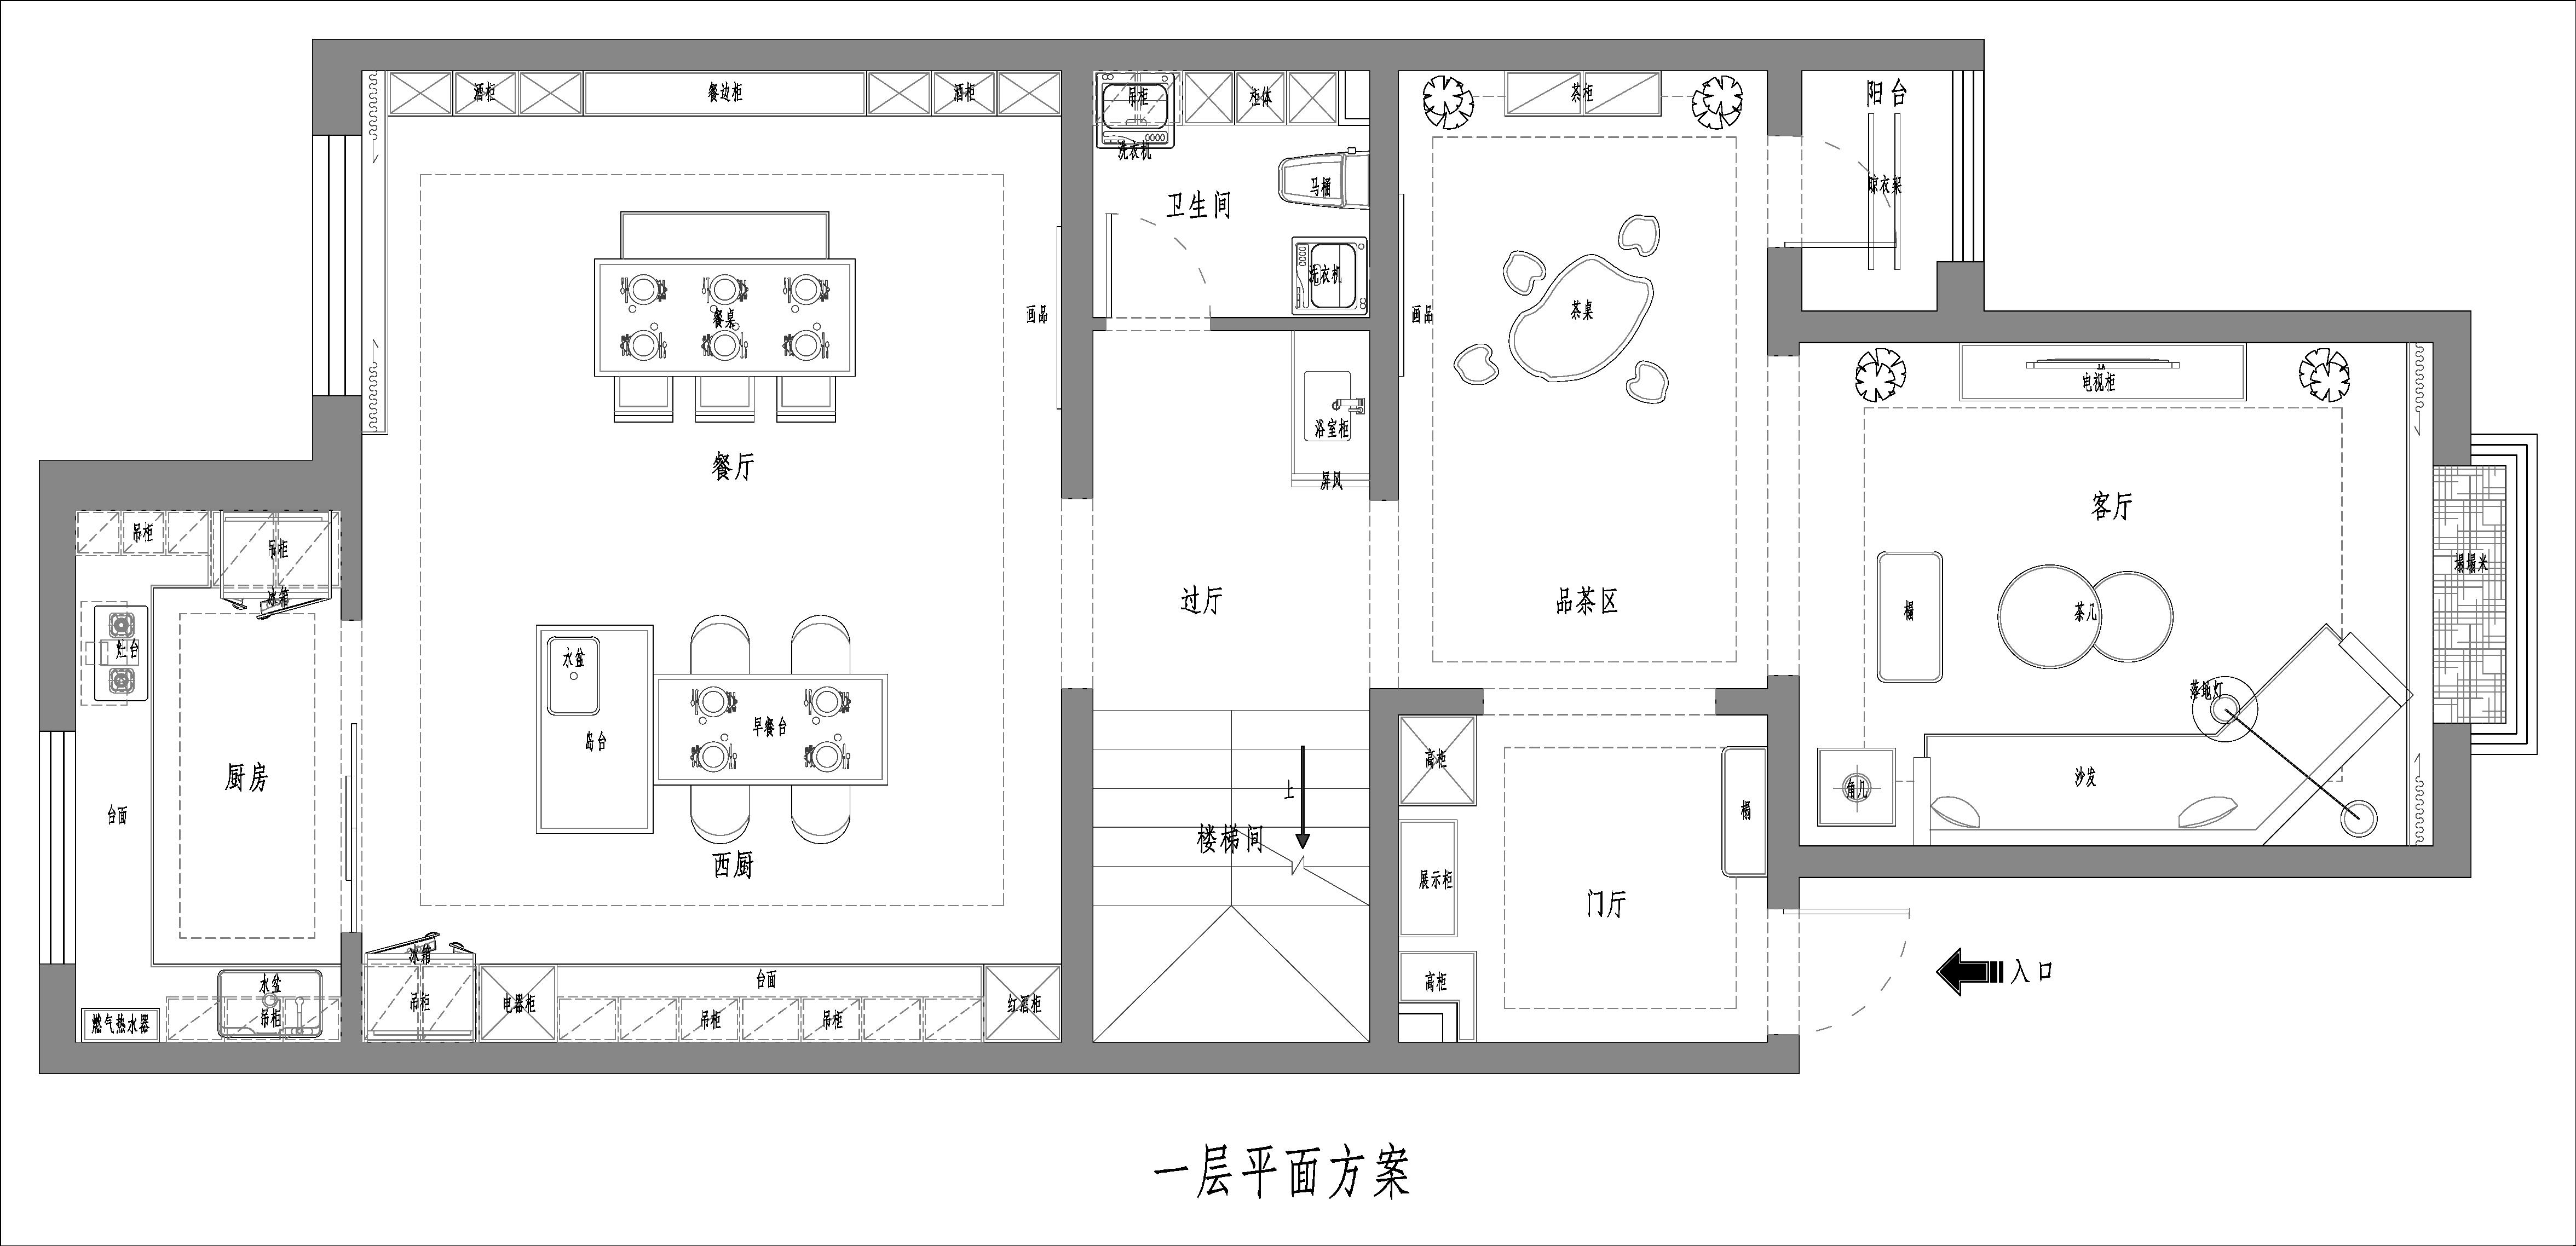 霸州金享世家-277.85平米-现代轻奢装修设计理念